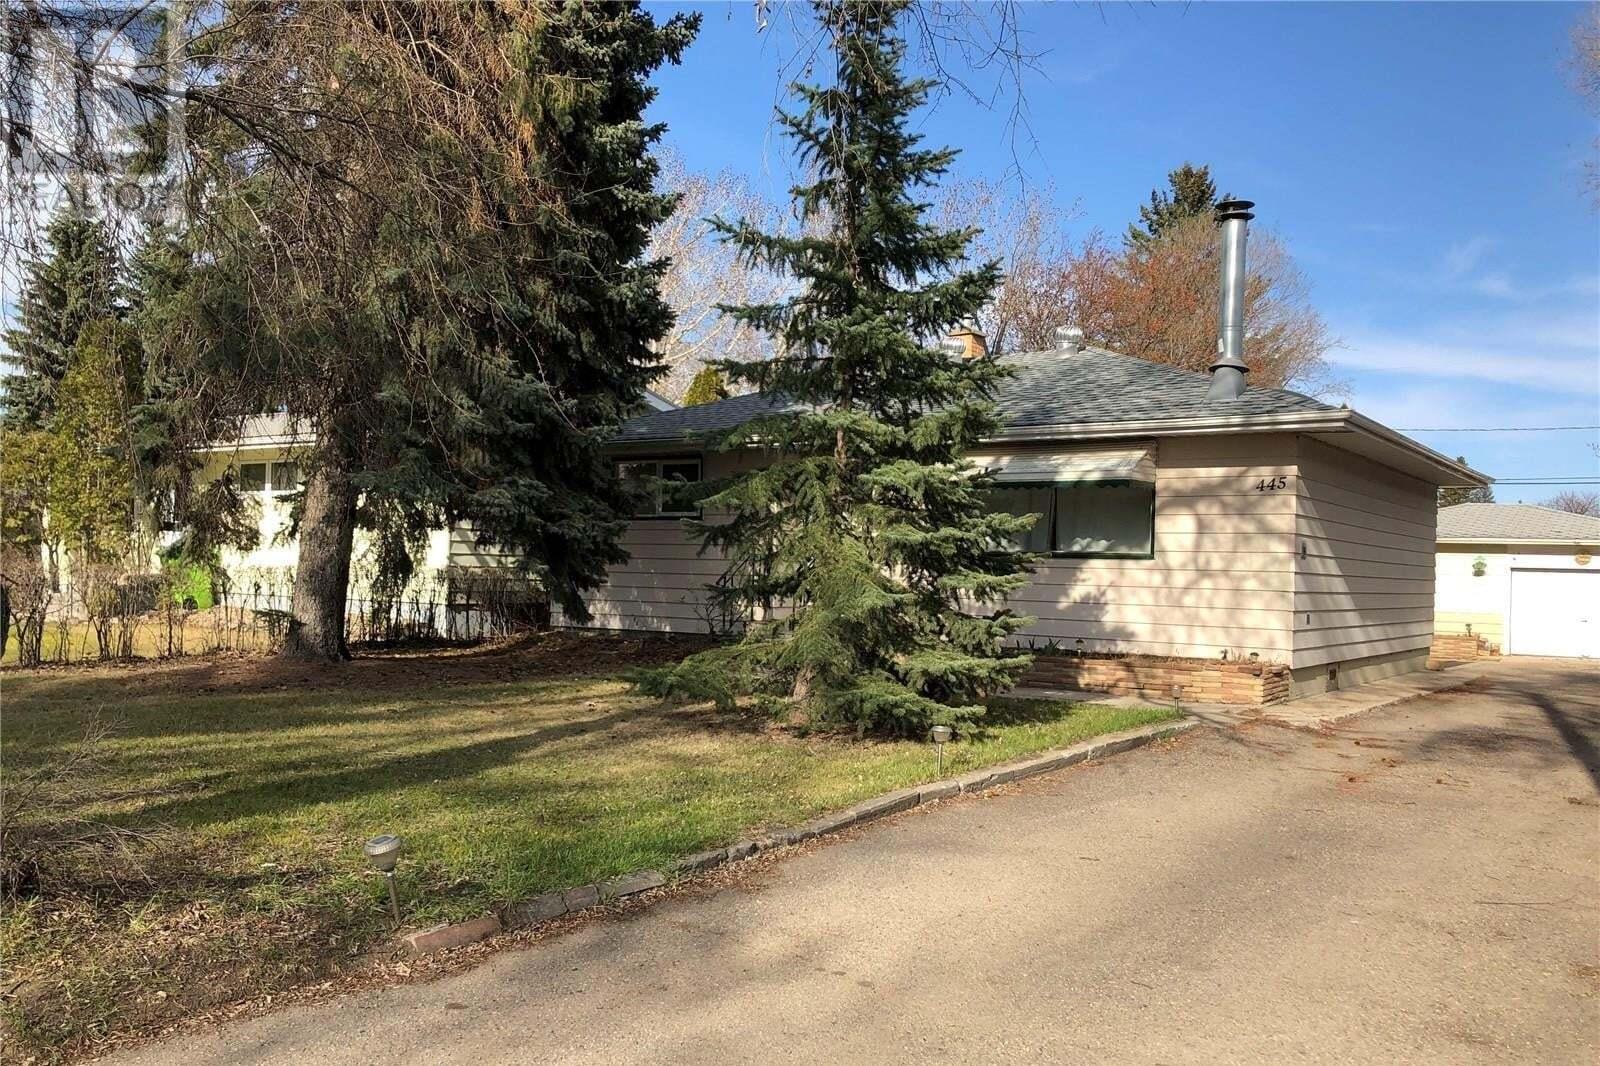 House for sale at 445 Bay Ave S Fort Qu'appelle Saskatchewan - MLS: SK827019